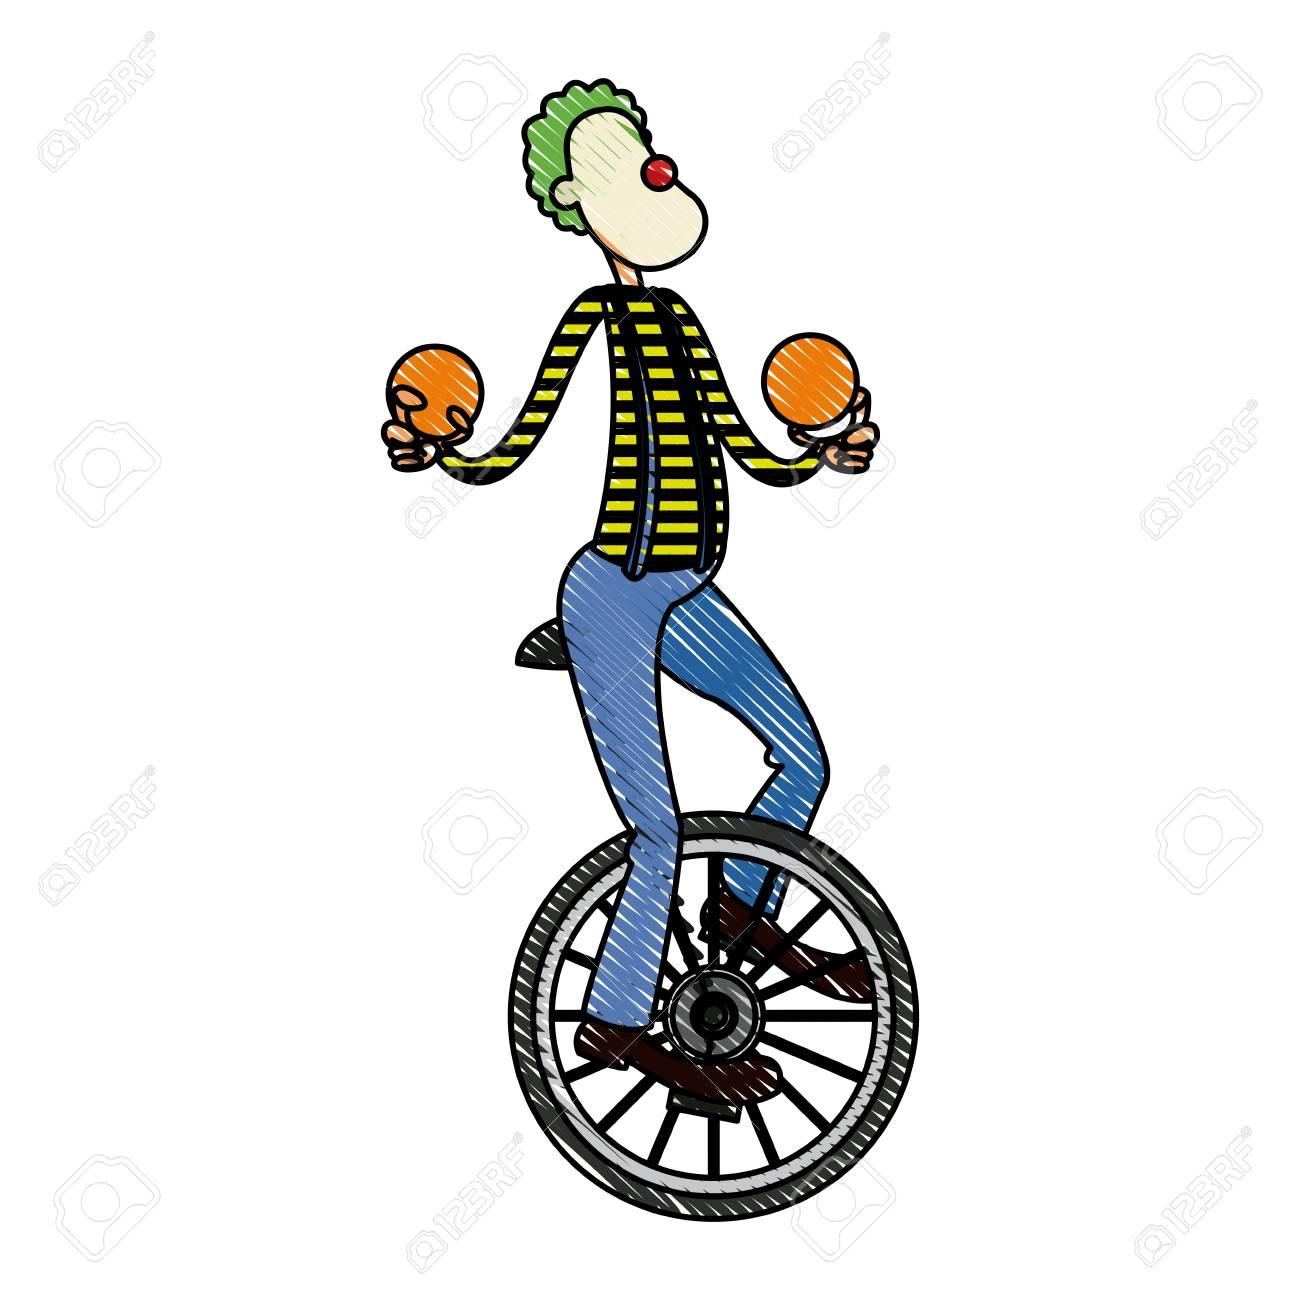 Caractere Clown Cirque Jongleur Joyeux Image Vecteur Ilustration